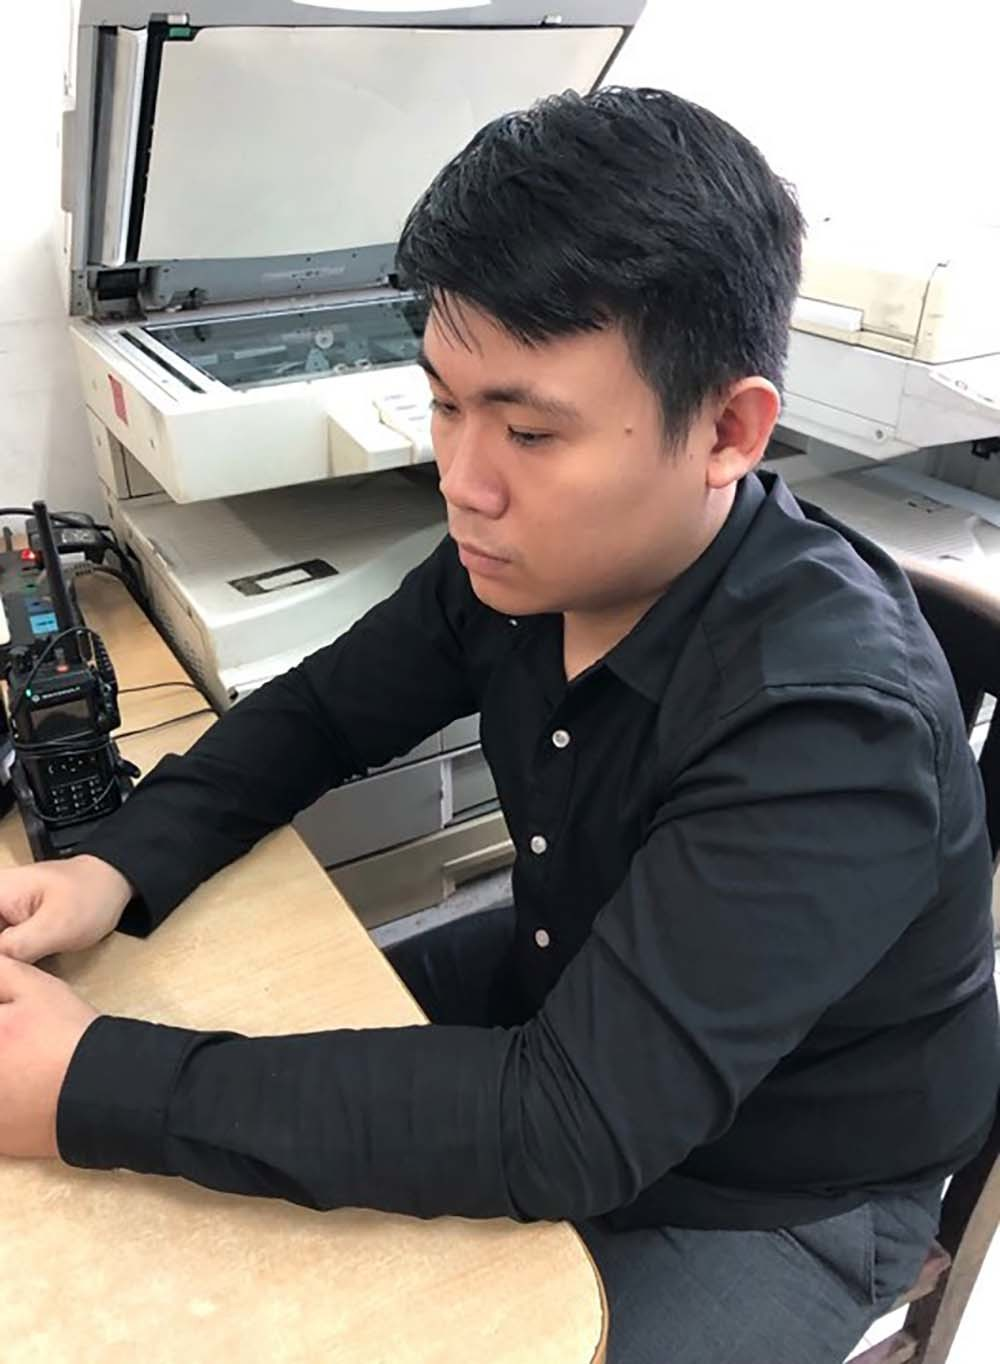 Tiếp viên nhà hàng ở trung tâm Sài Gòn bán dâm 4 triệu đồng/lượt